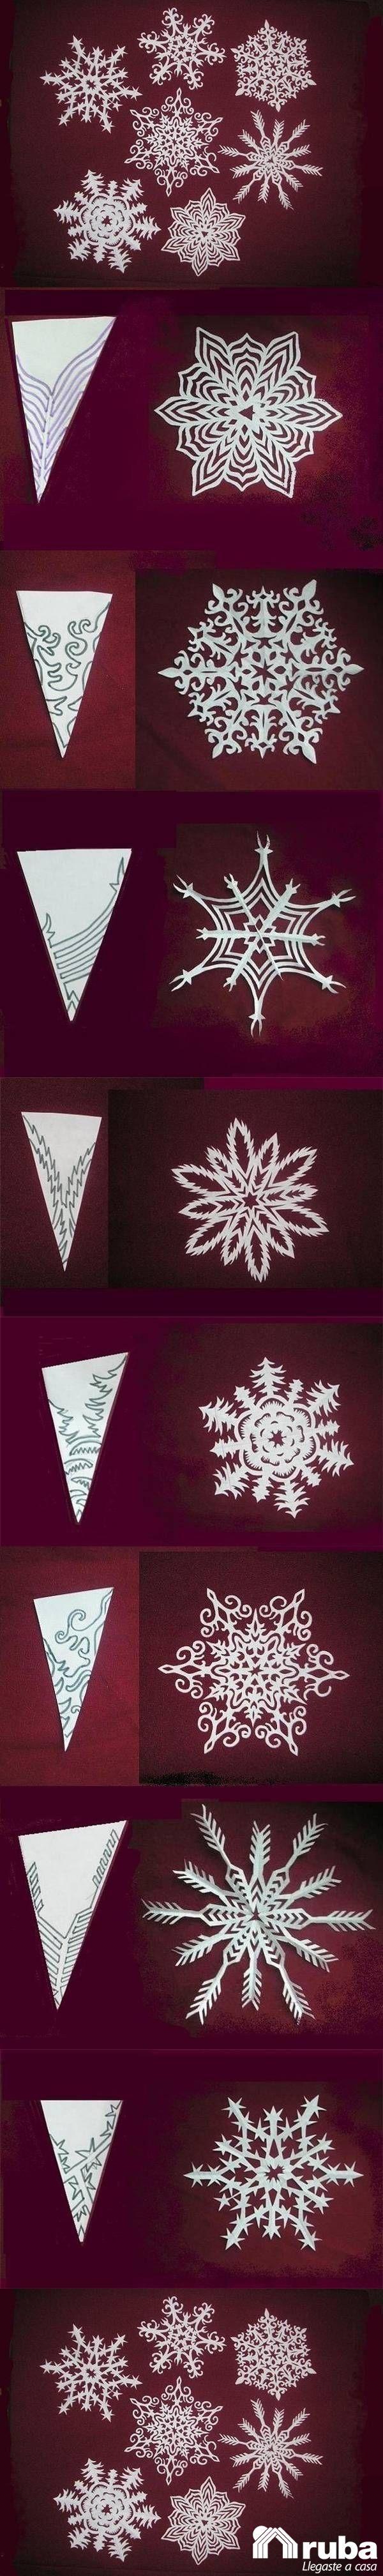 ¡Let it snow, let it snow, let it snow! No te quede sin la oportunidad de llenar tu hogar de nieve con esta sencilla y economica idea, haz tus propios copos de nieve #NavidadConRuba encuentra un estilo diferente y paso a paso en https://lafiestadeolivia.com/blogs/blog/10578529-diy-como-hacer-copos-de-nieve-con-ninos